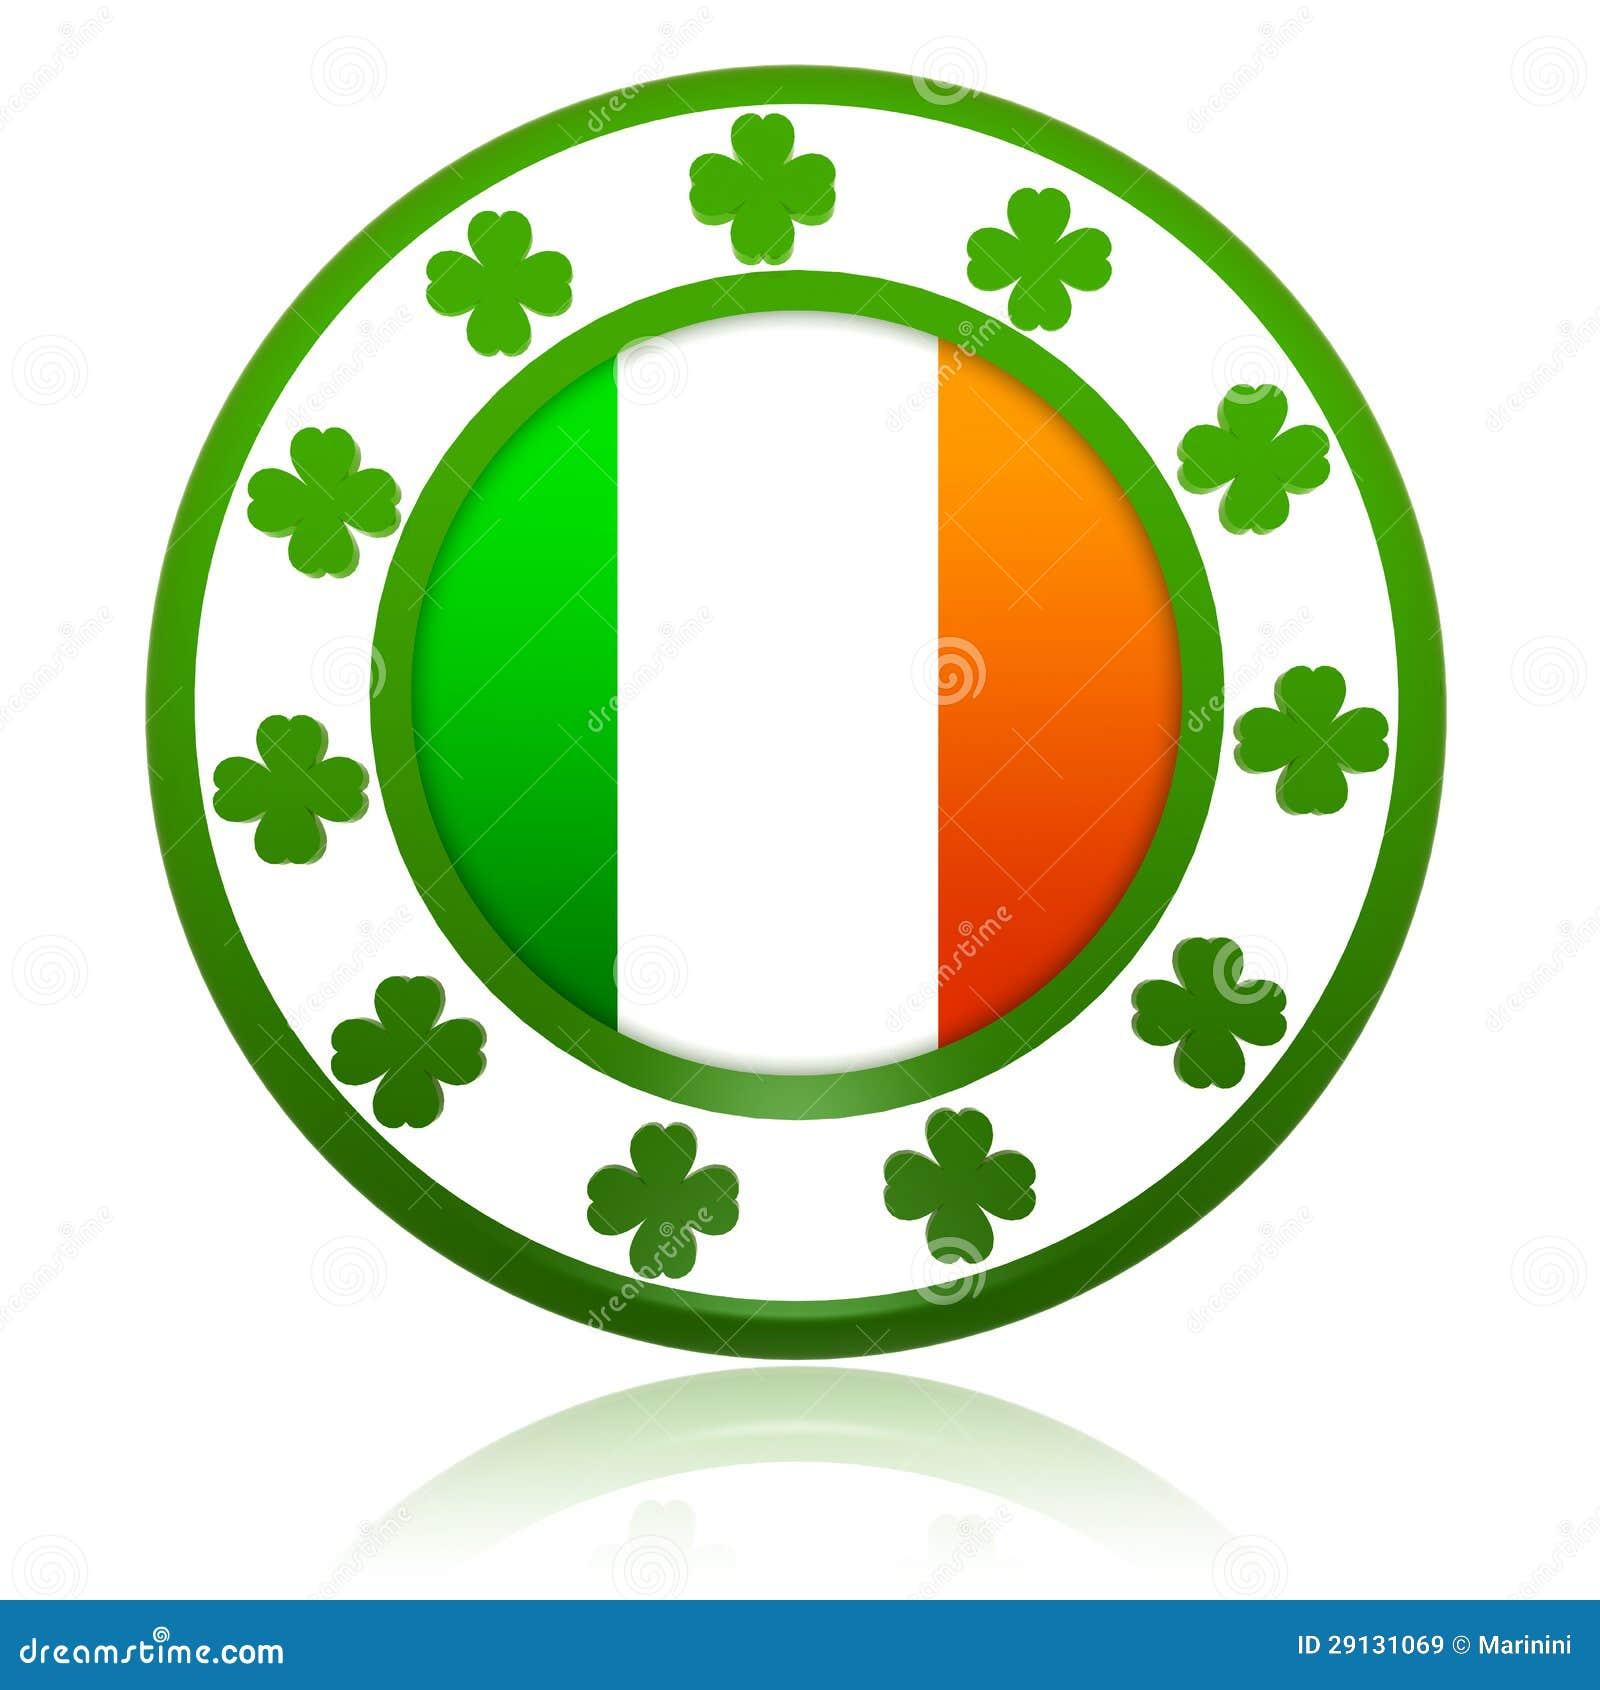 在3d圈子徽章的爱尔兰标志与绿色三叶草.图片